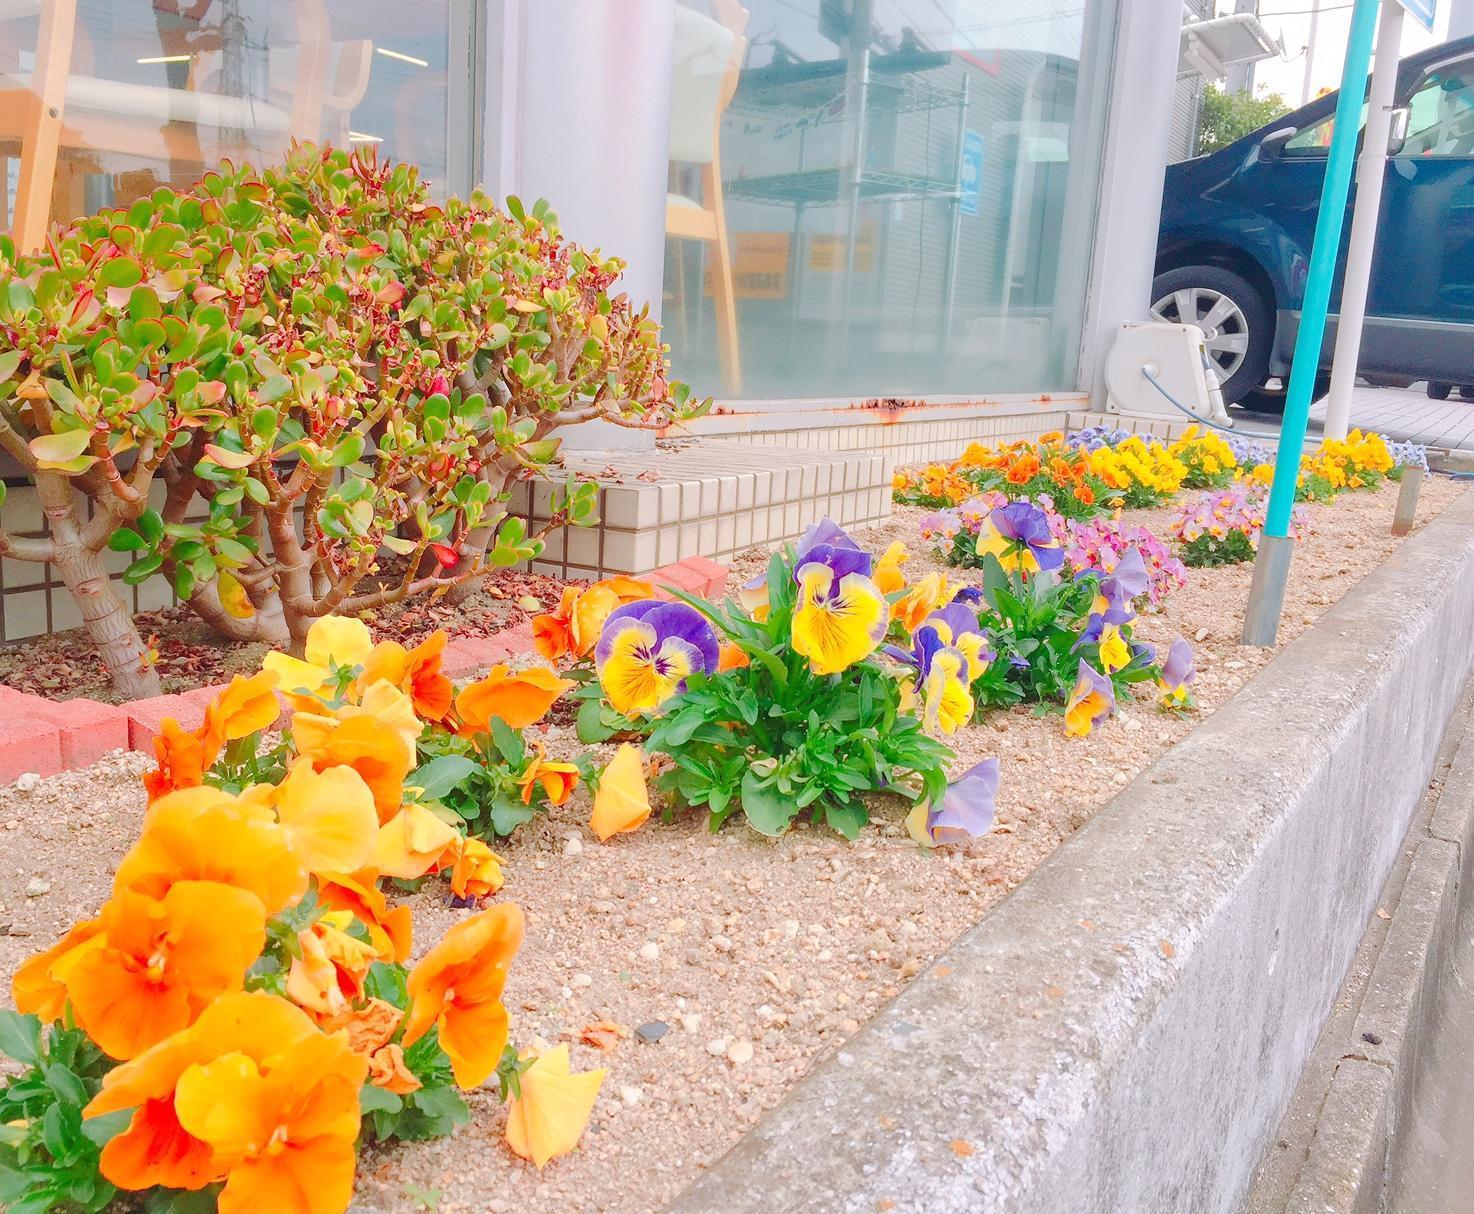 https://www.hyogo-mitsubishi.com/shop/takarazuka/files/e6f5bf5f1dcb85a74bdd4bf249b06c1a0c11b844.JPG